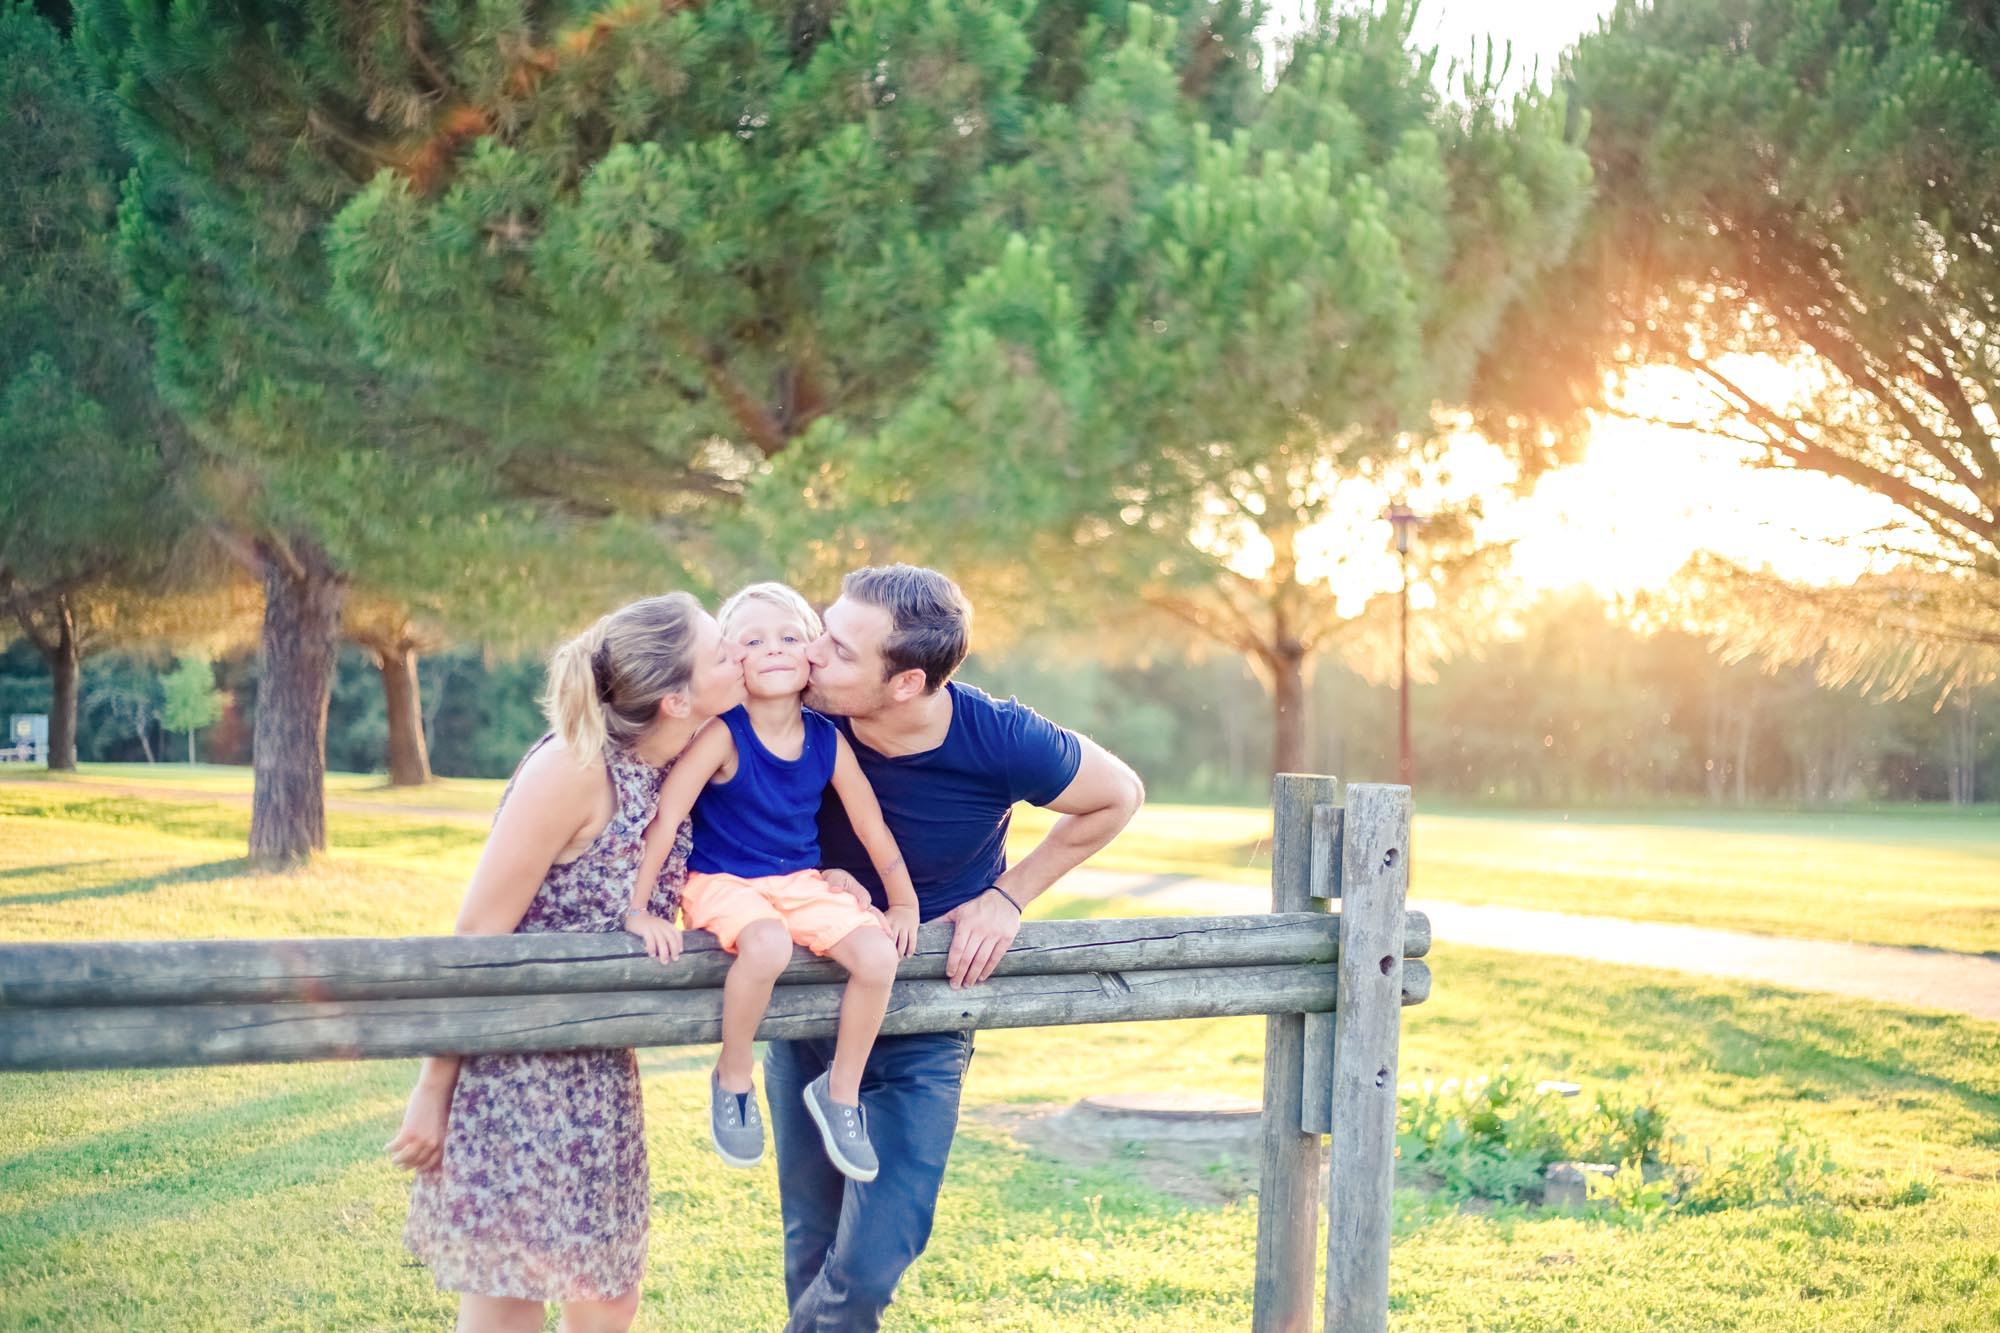 seance photo famille photographe toulouse julie rivière photographie toulouse